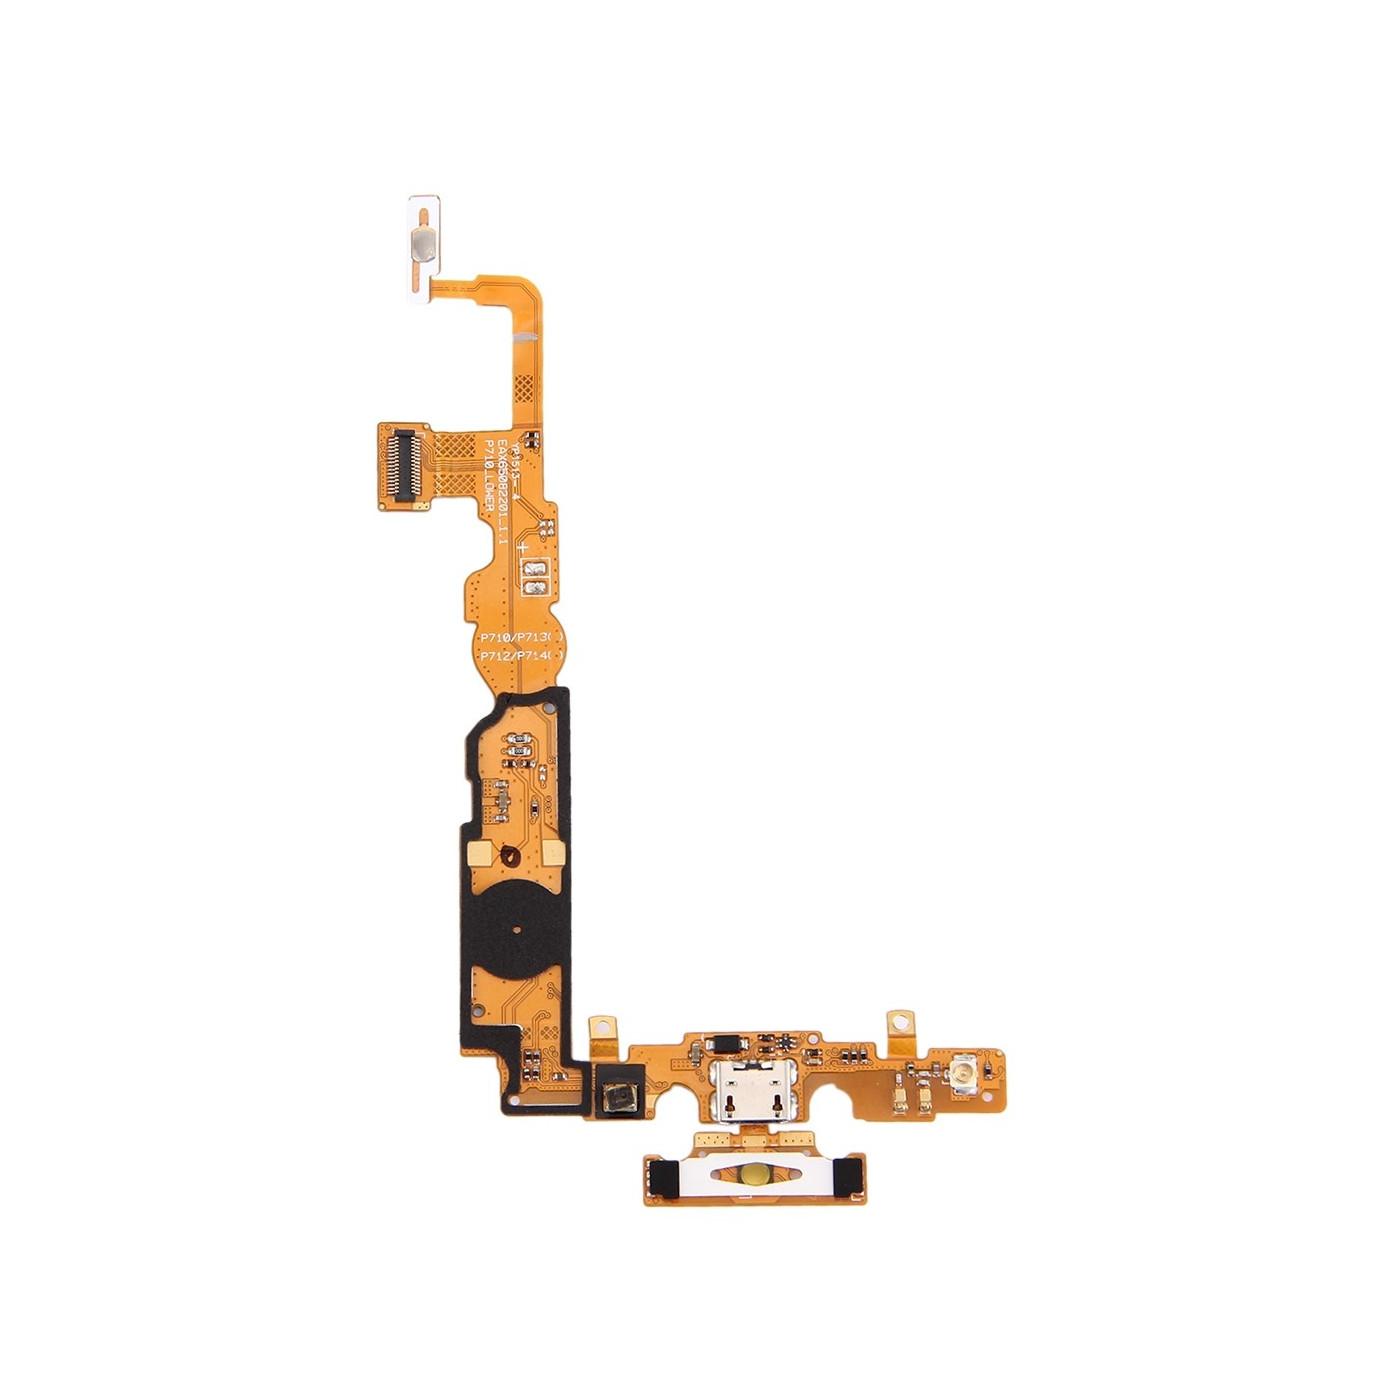 Conector de carga plana y flex para el muelle de carga LG Optimus L7 II / P710